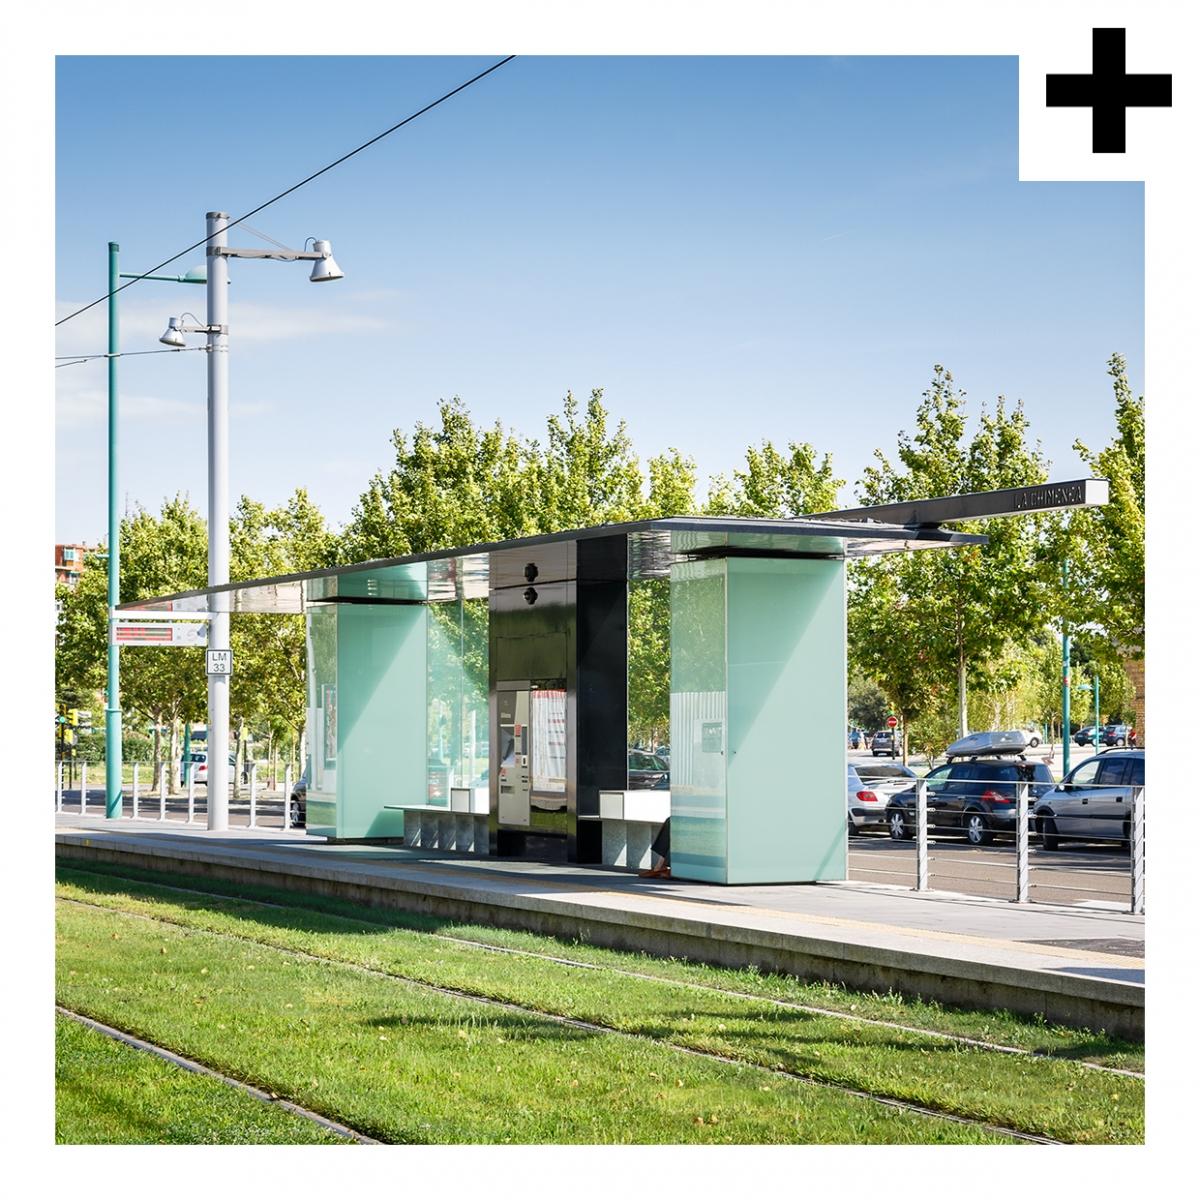 Imagen en la que se ve el plural del concepto parada de tranvía